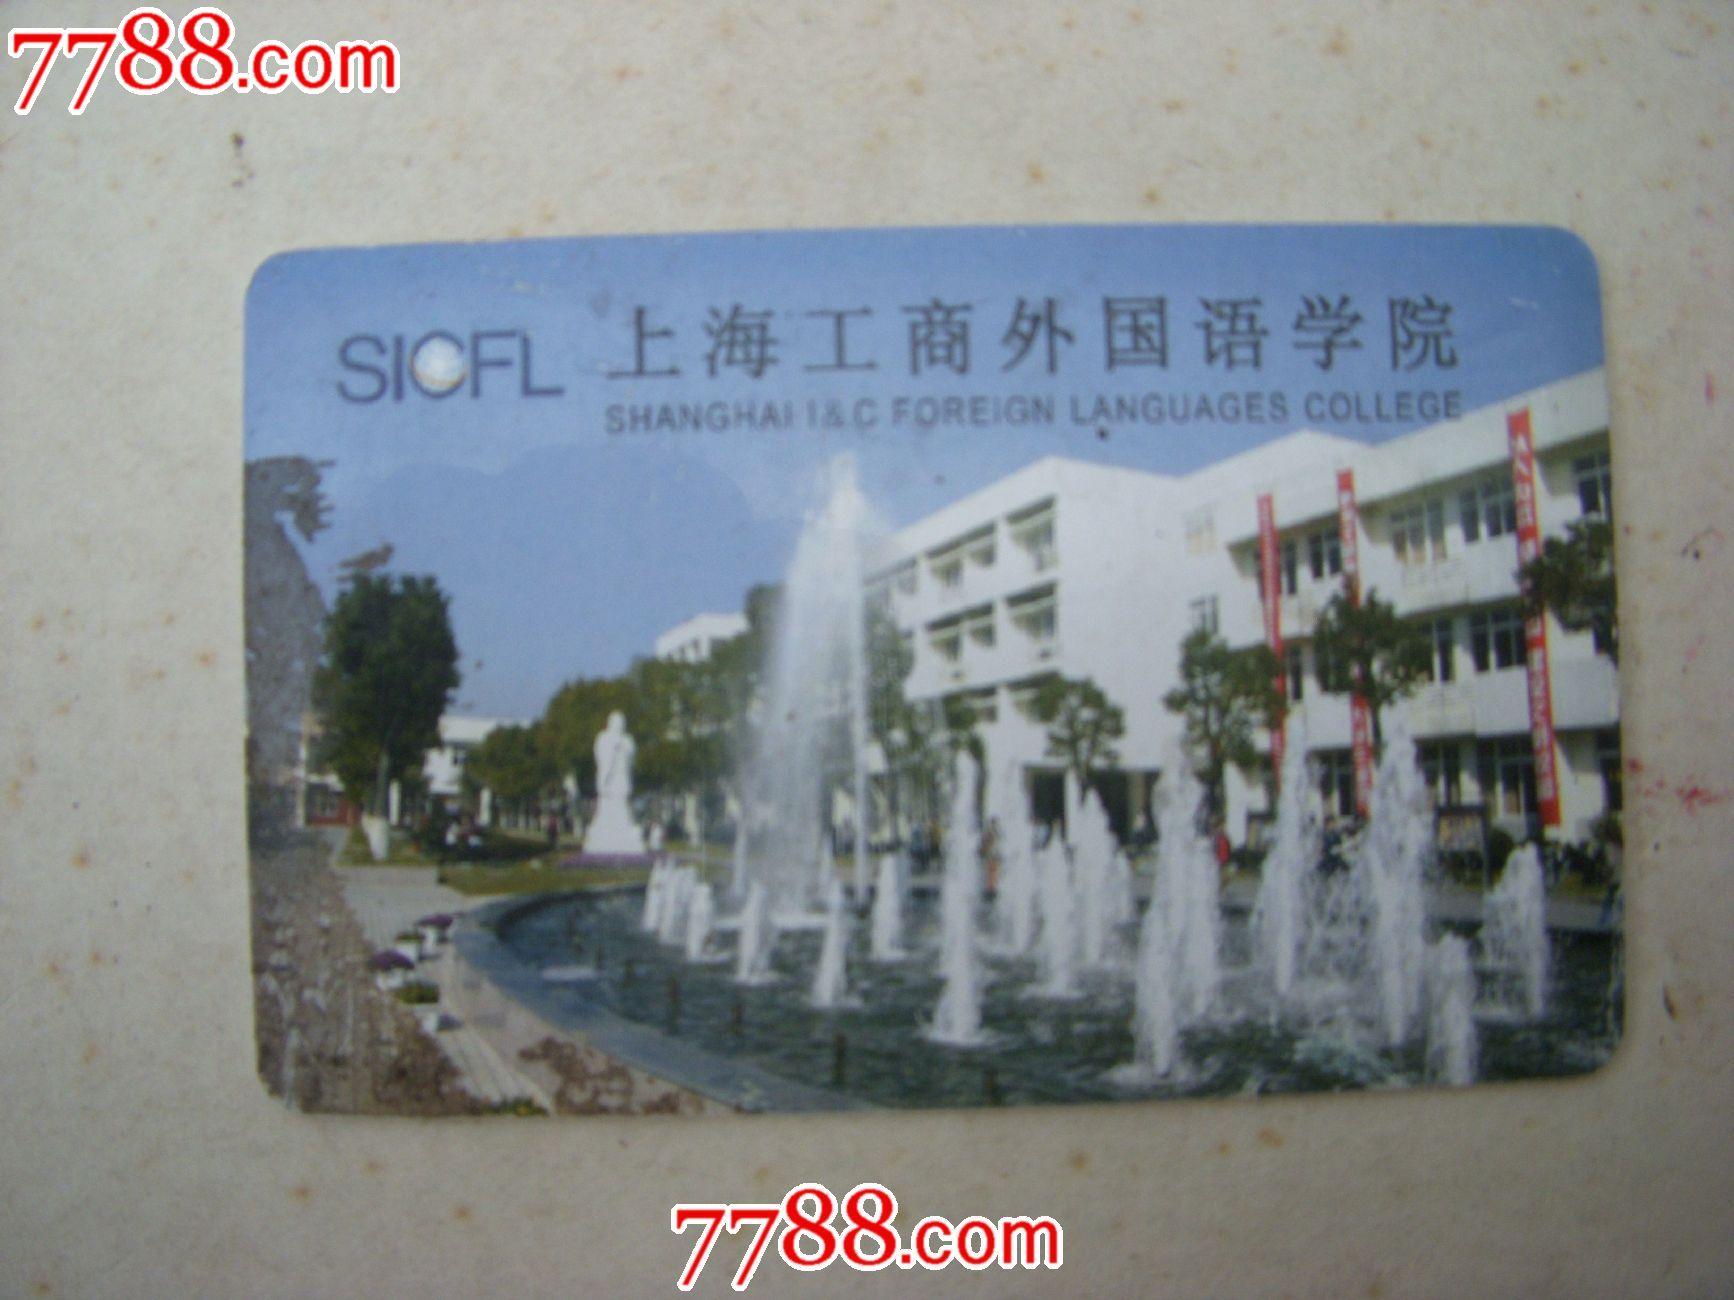 上海一卡通_上海工商外国语学院一卡通